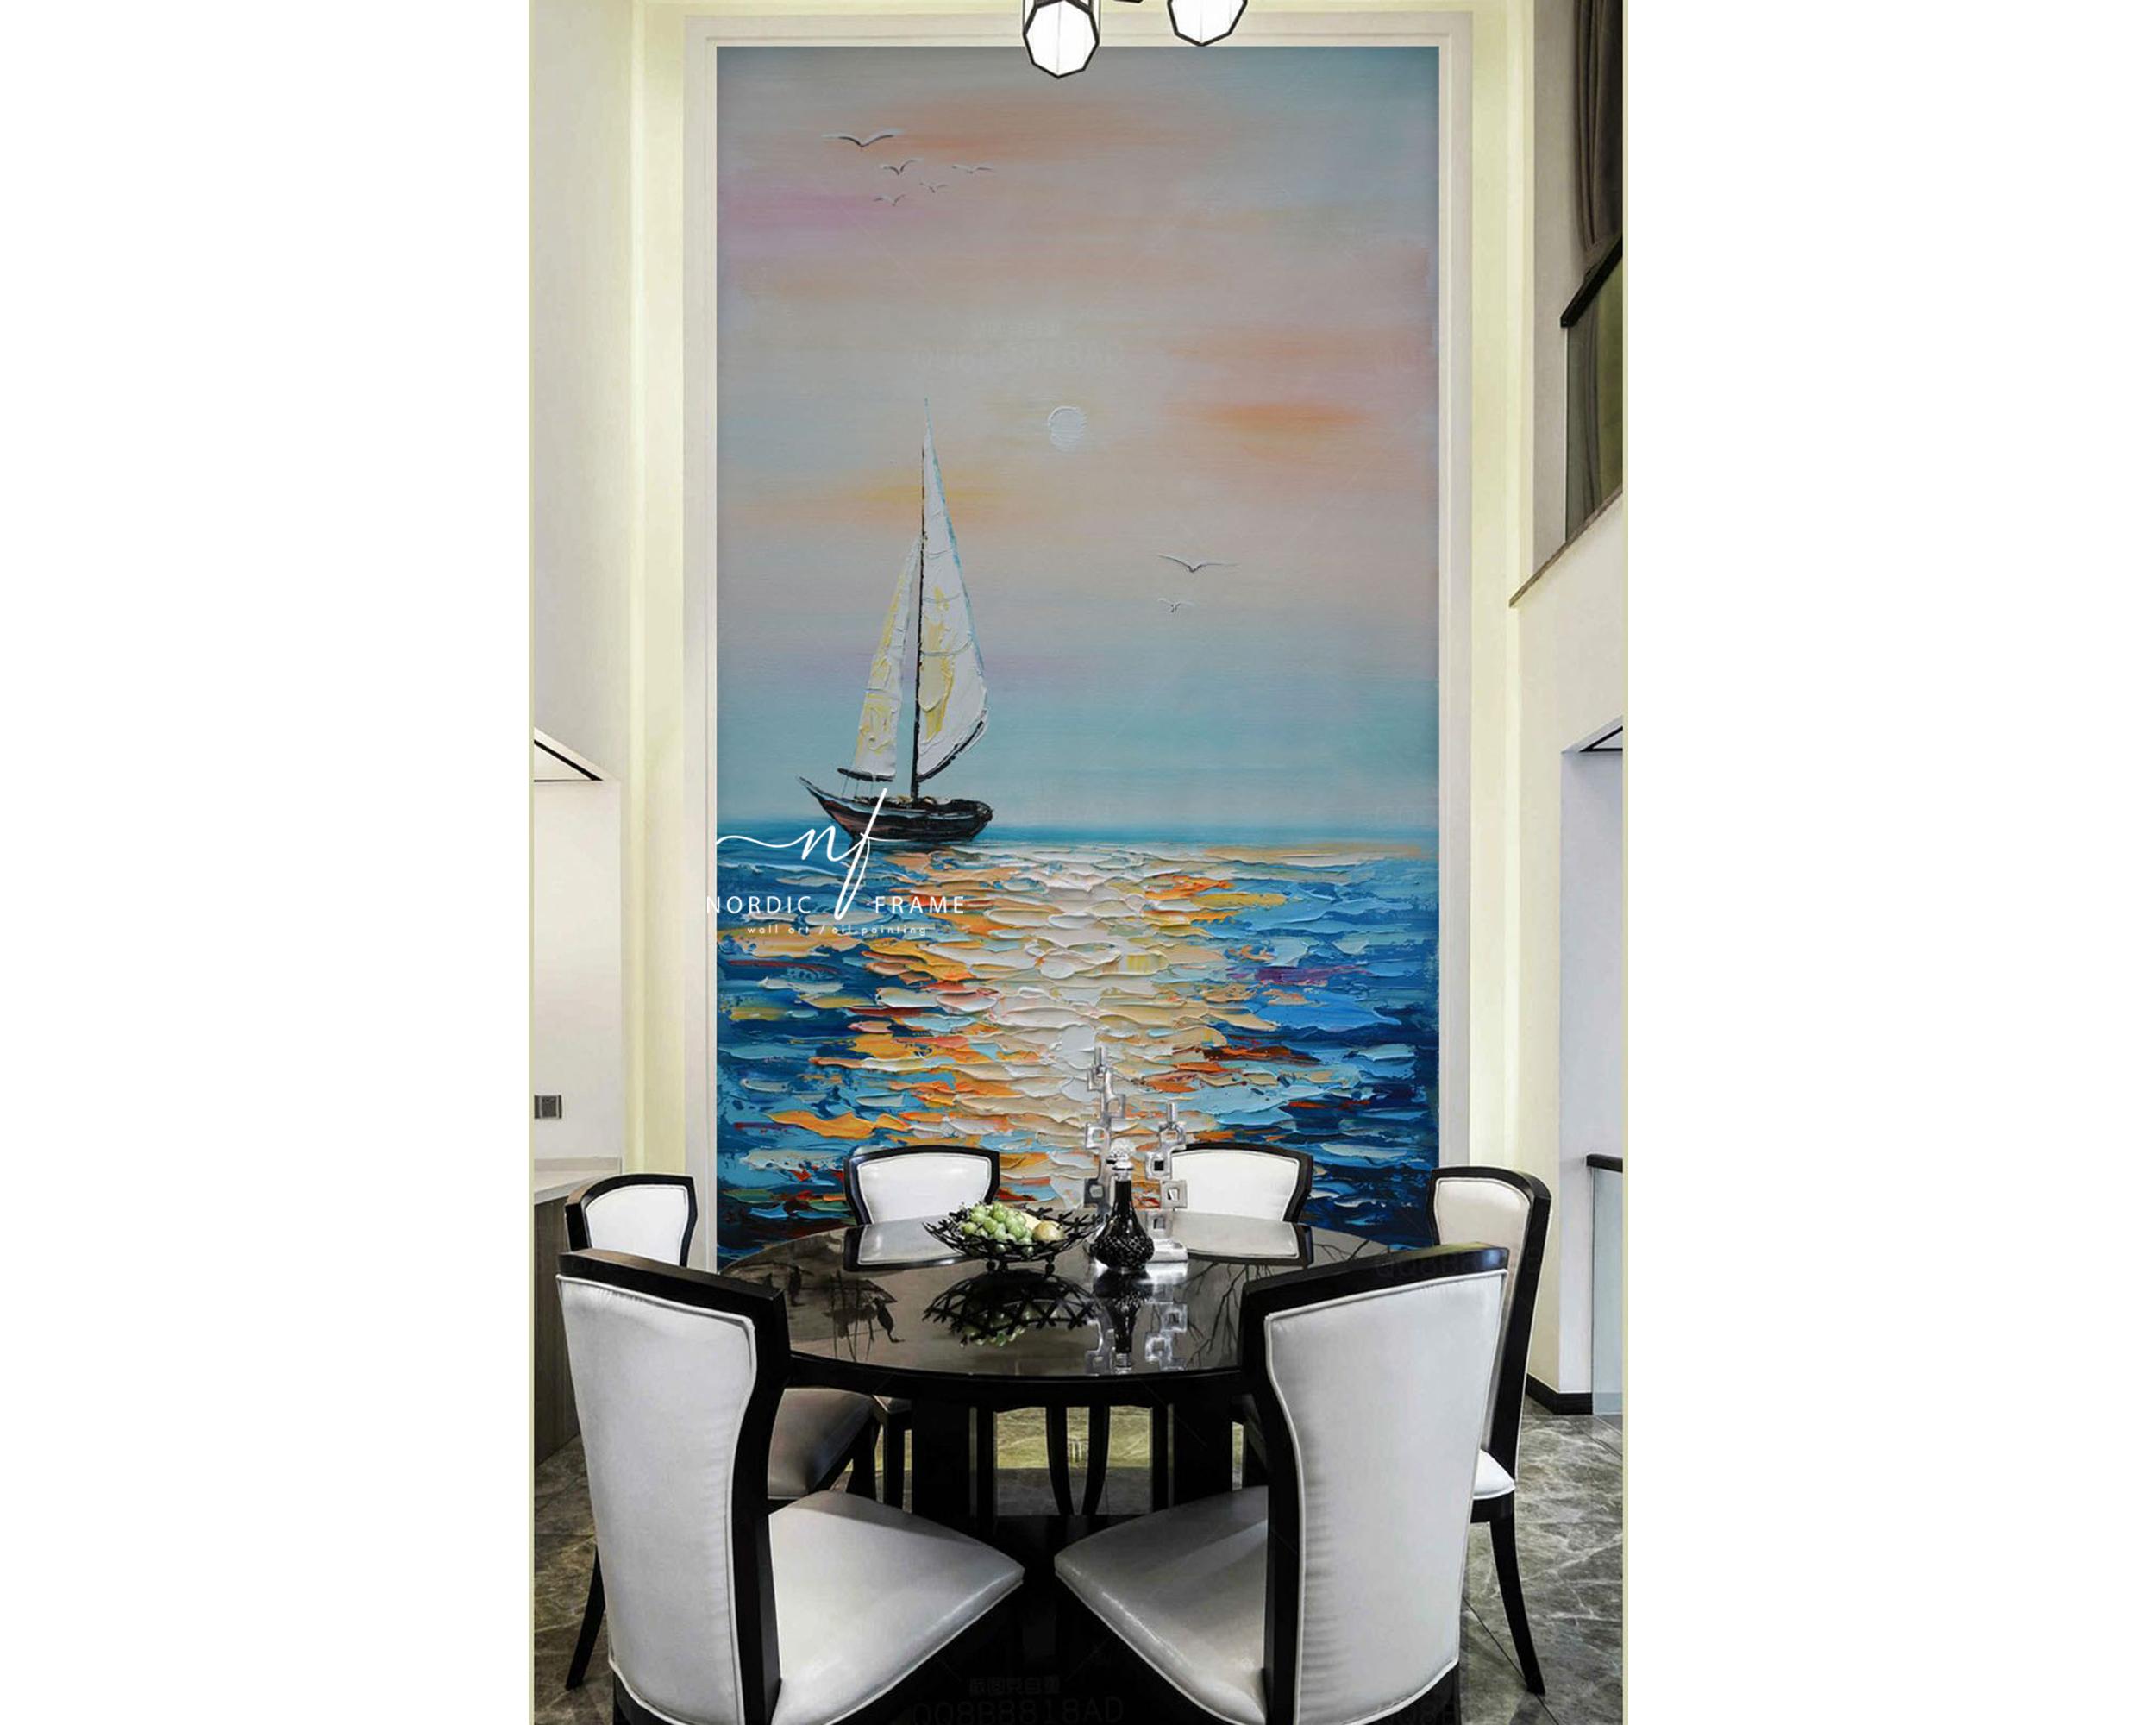 tranh sơn dầu phong cảnh hiện đại biển thuyền